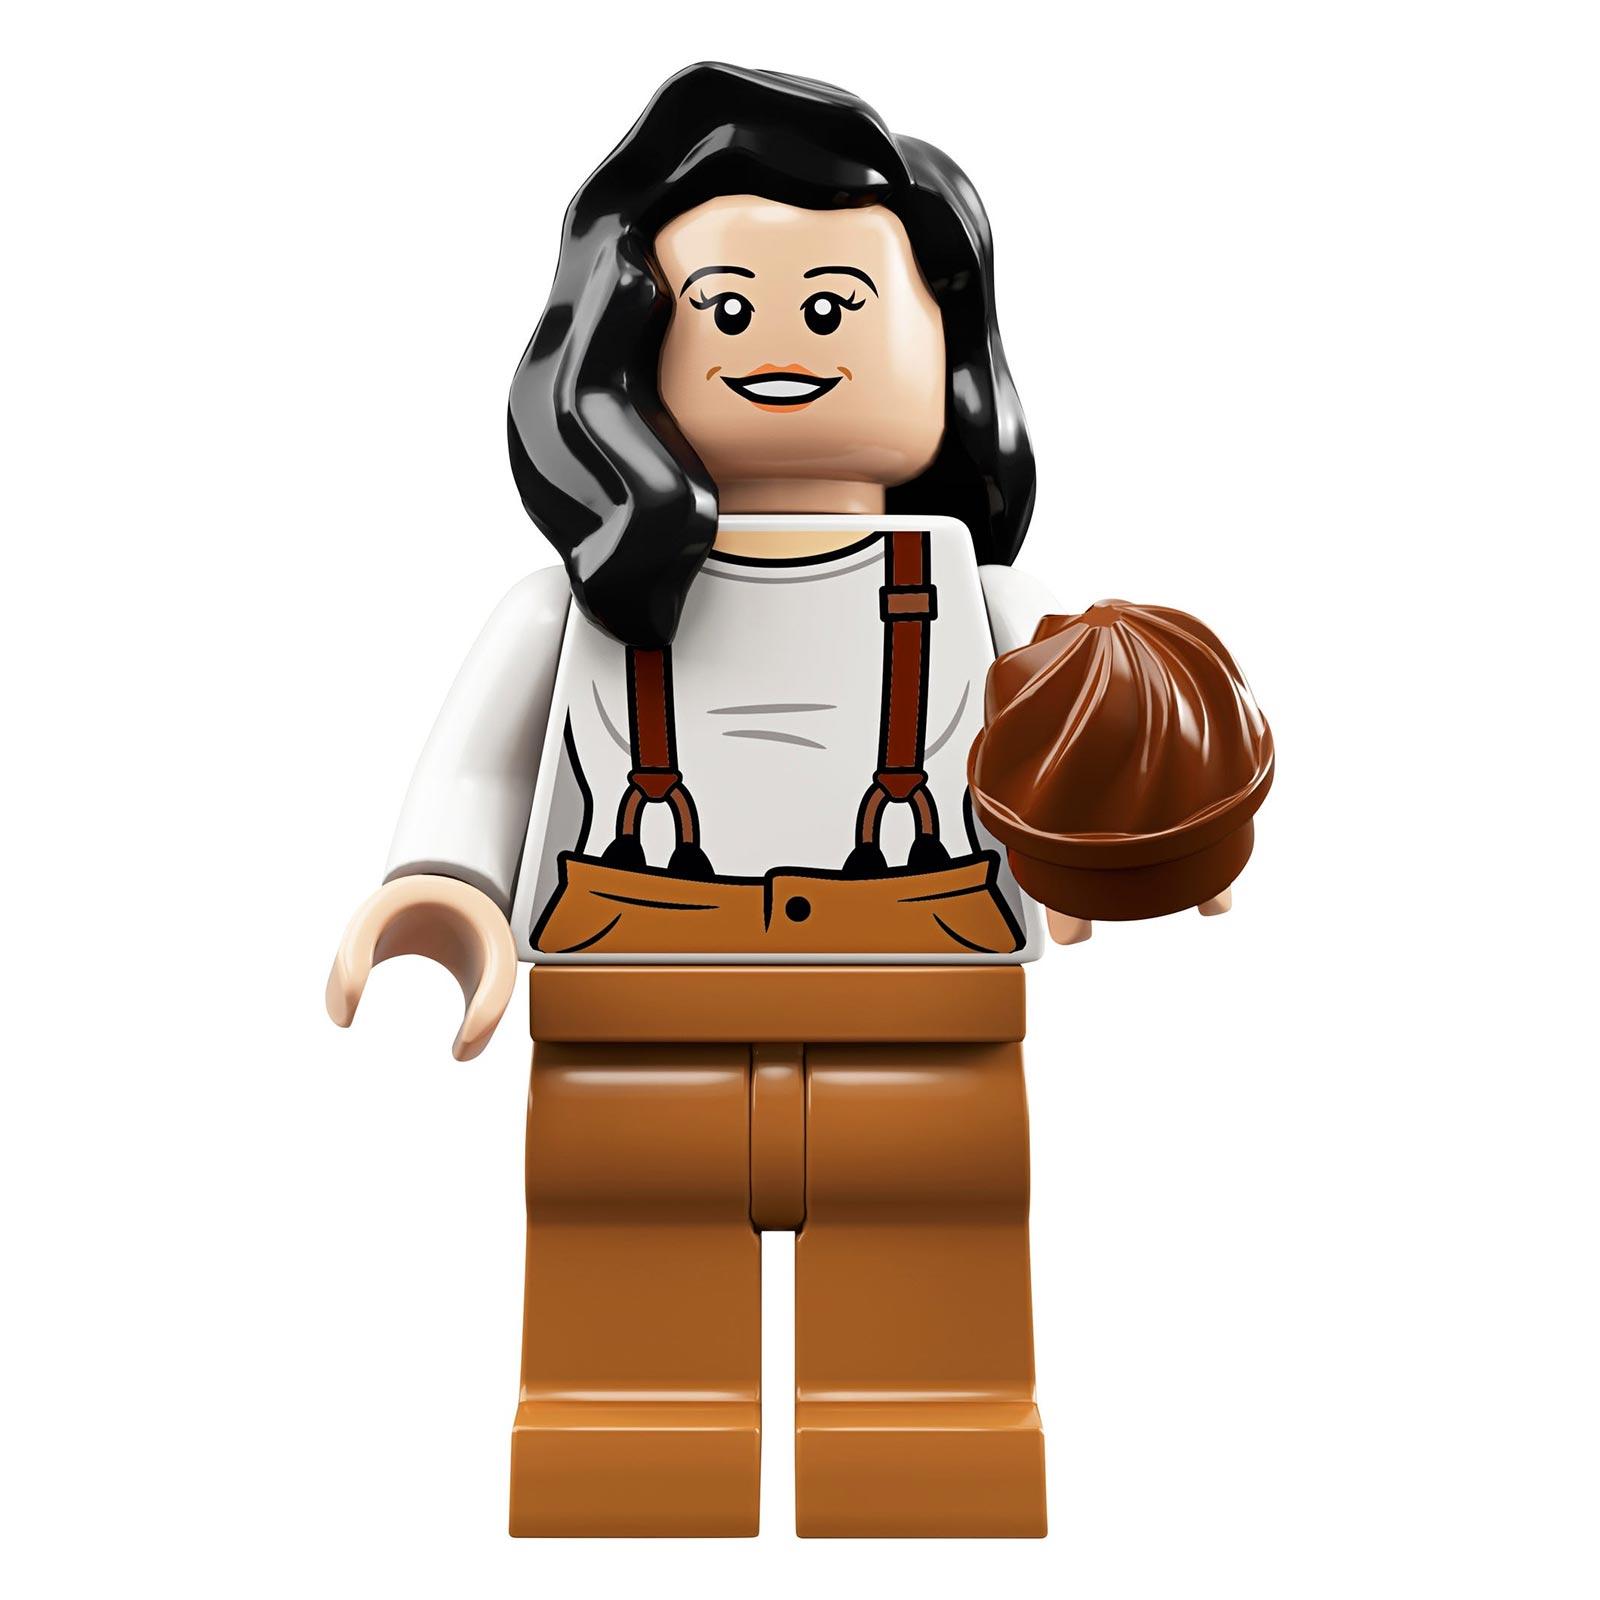 LEGO Friends Monica Geller Minifigure